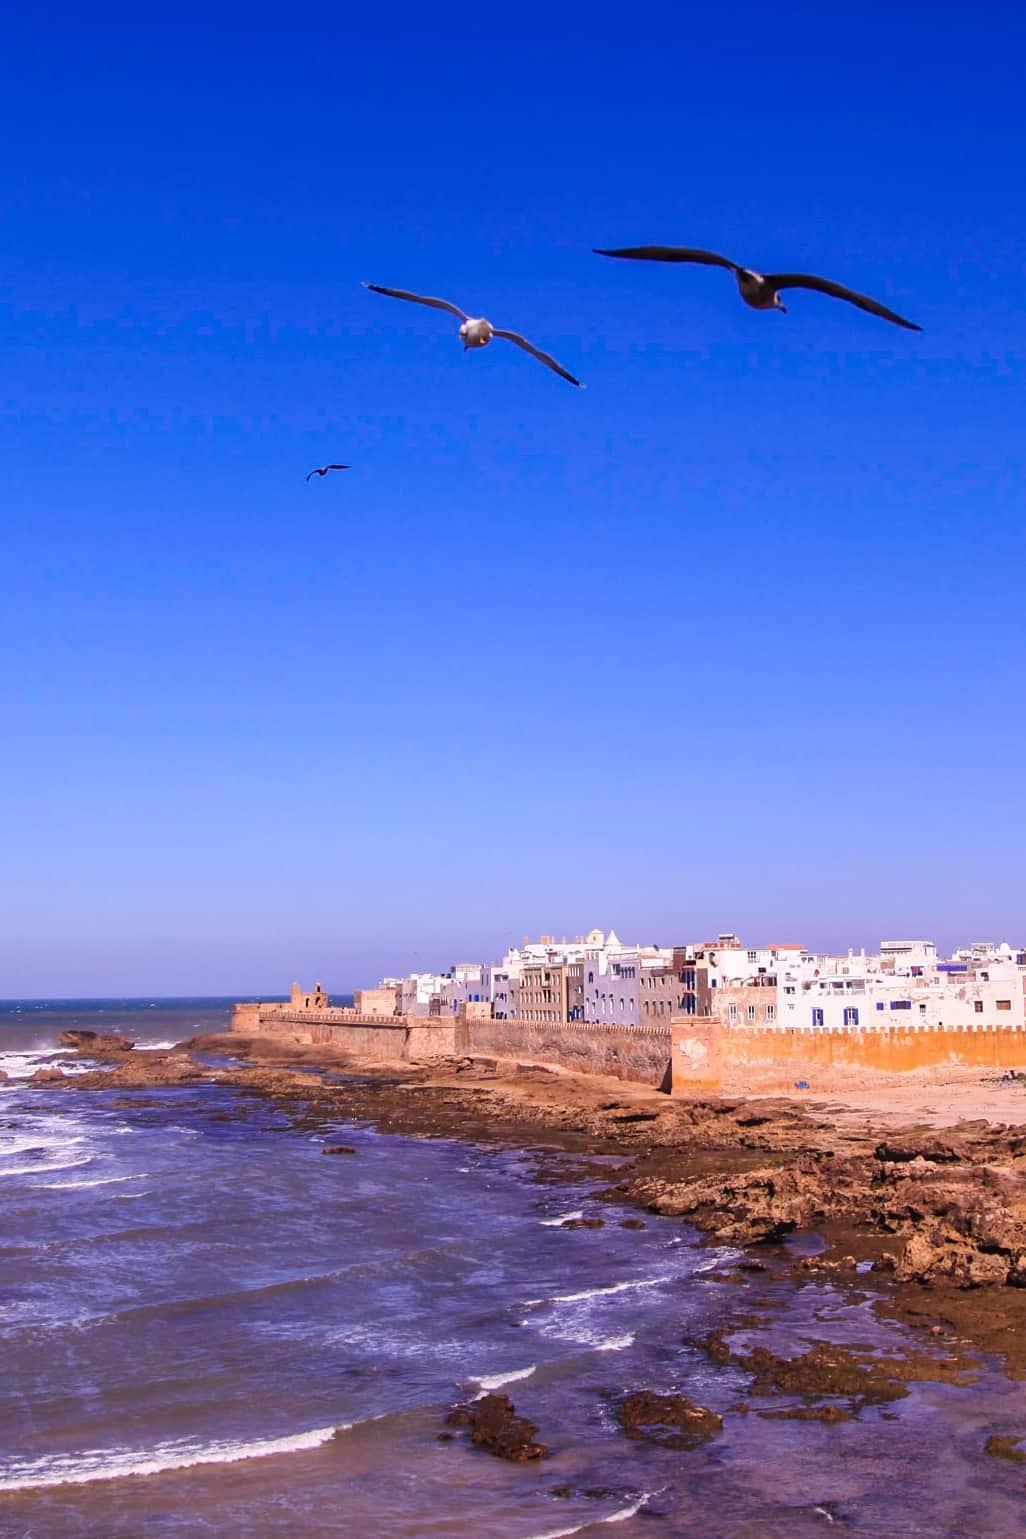 Seagulls flying over Essaouira